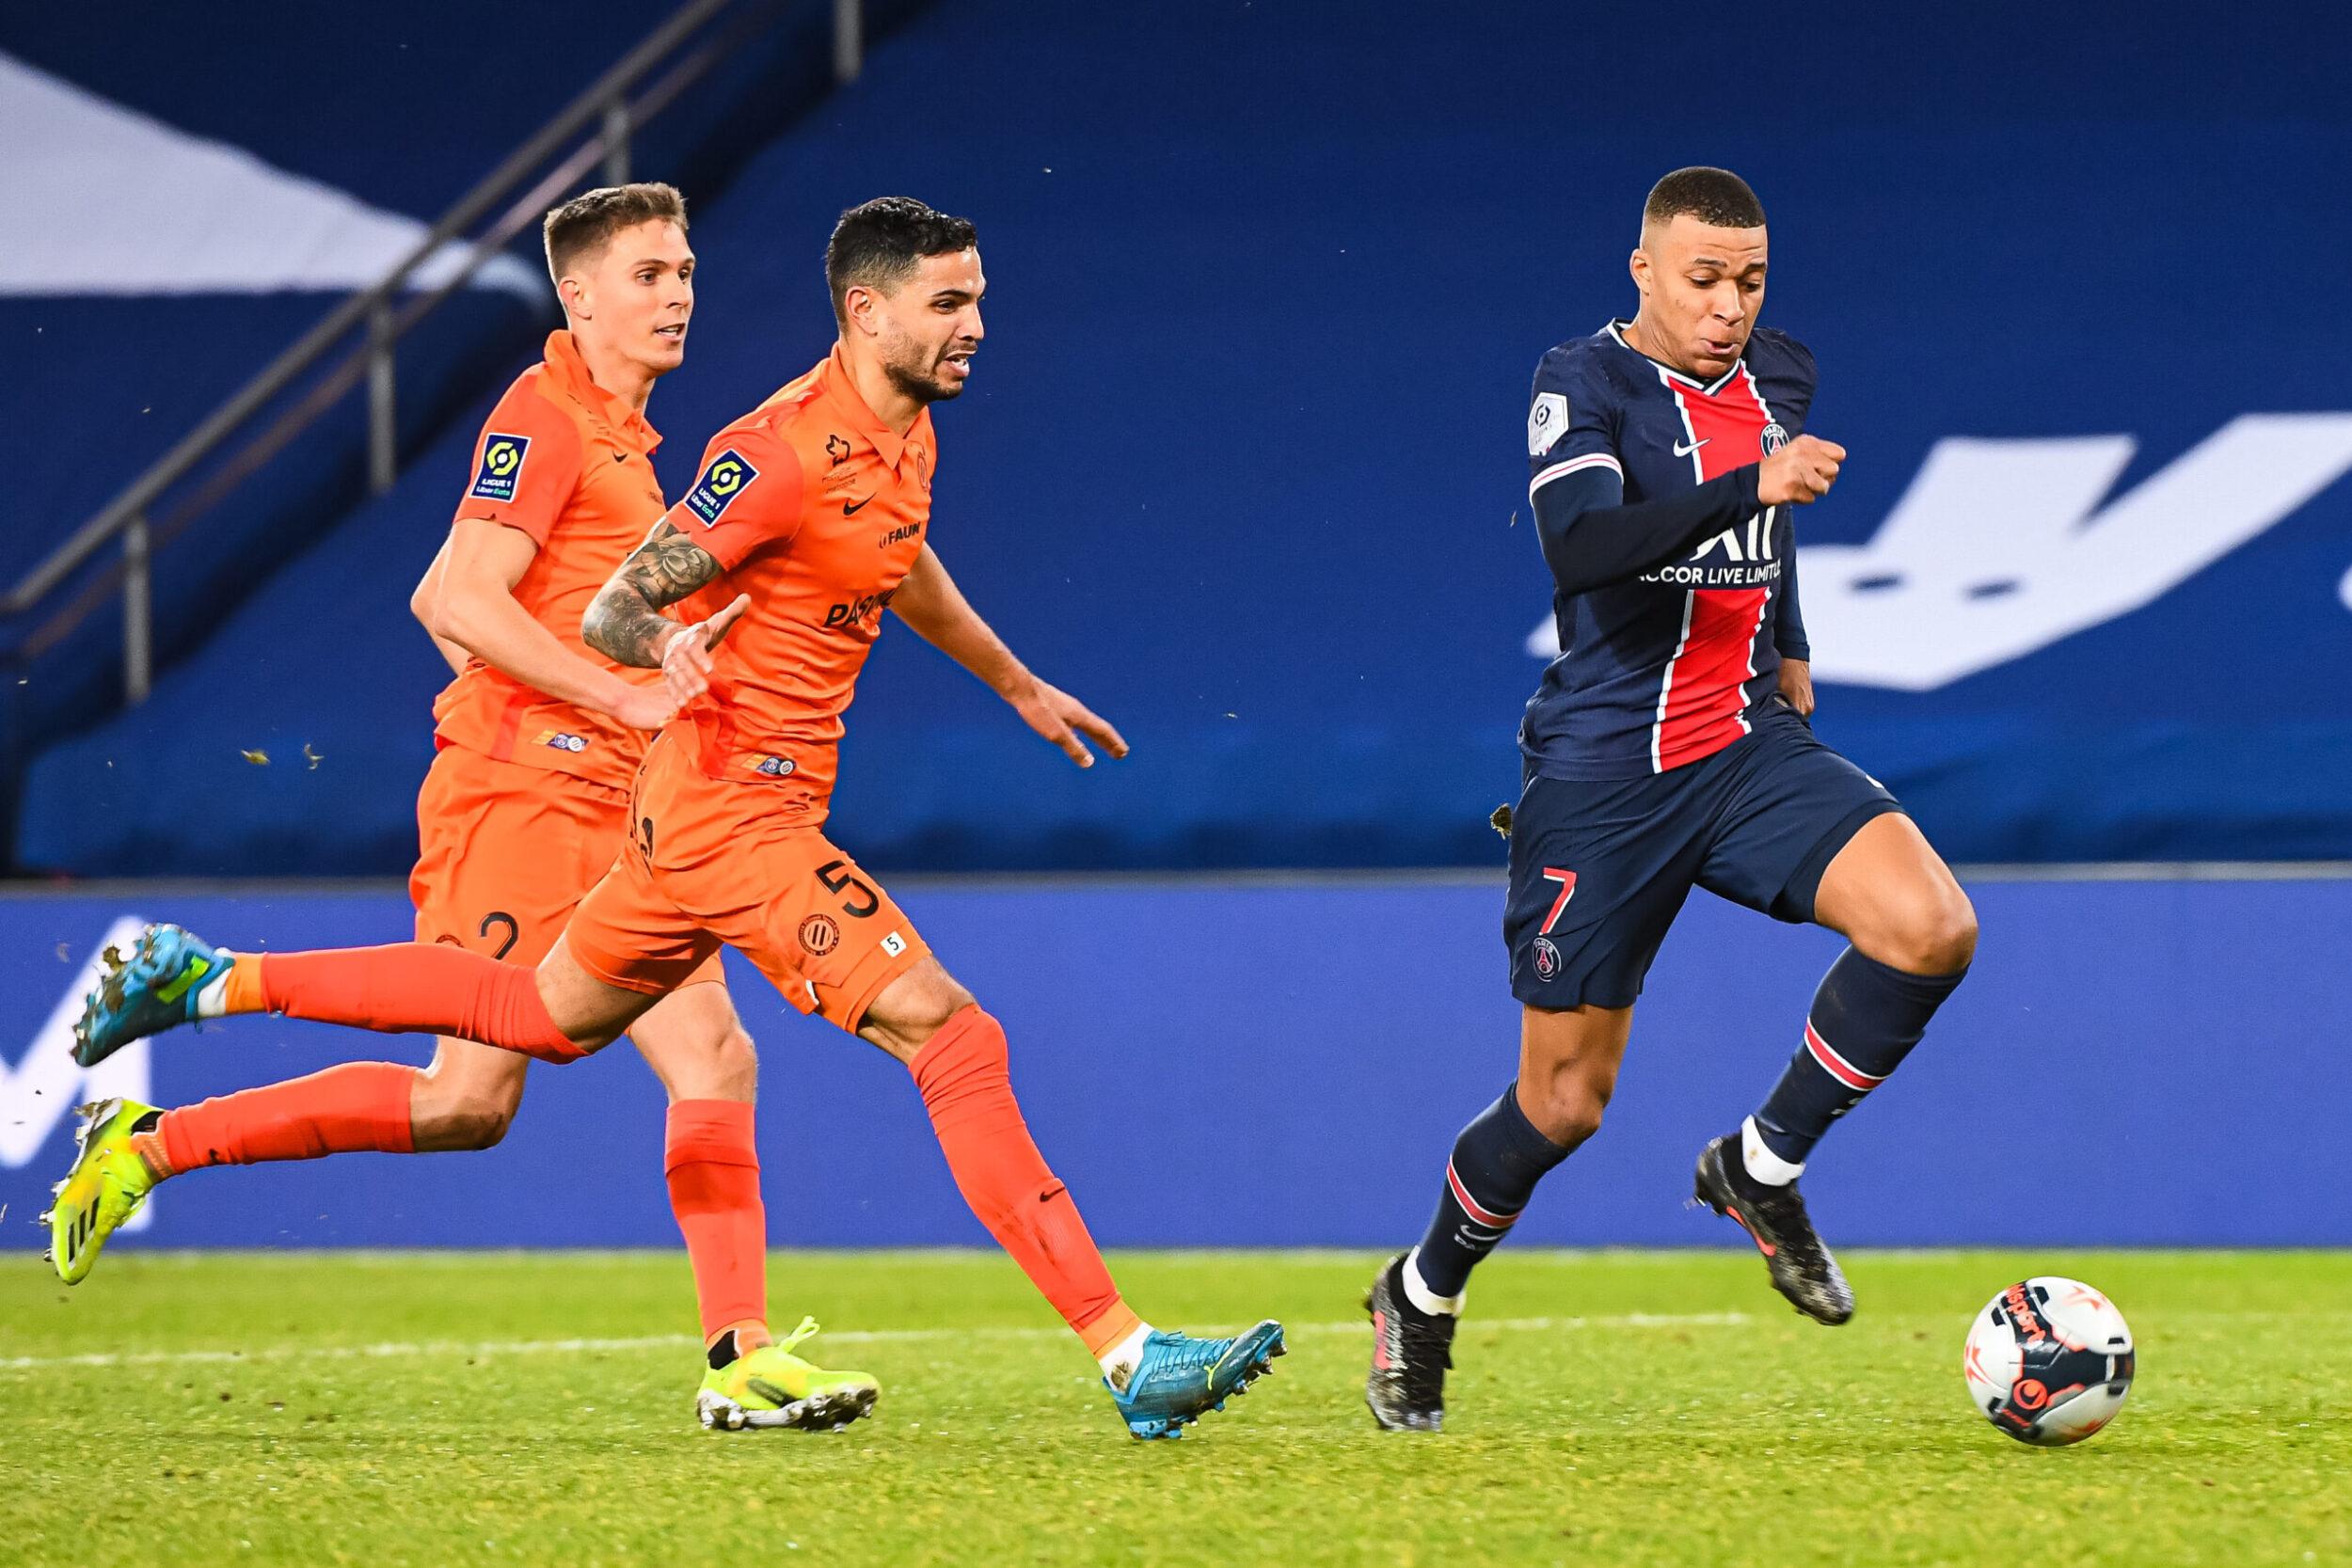 Les équipes pour Montpellier - Paris SG sont tombées (icosnport)